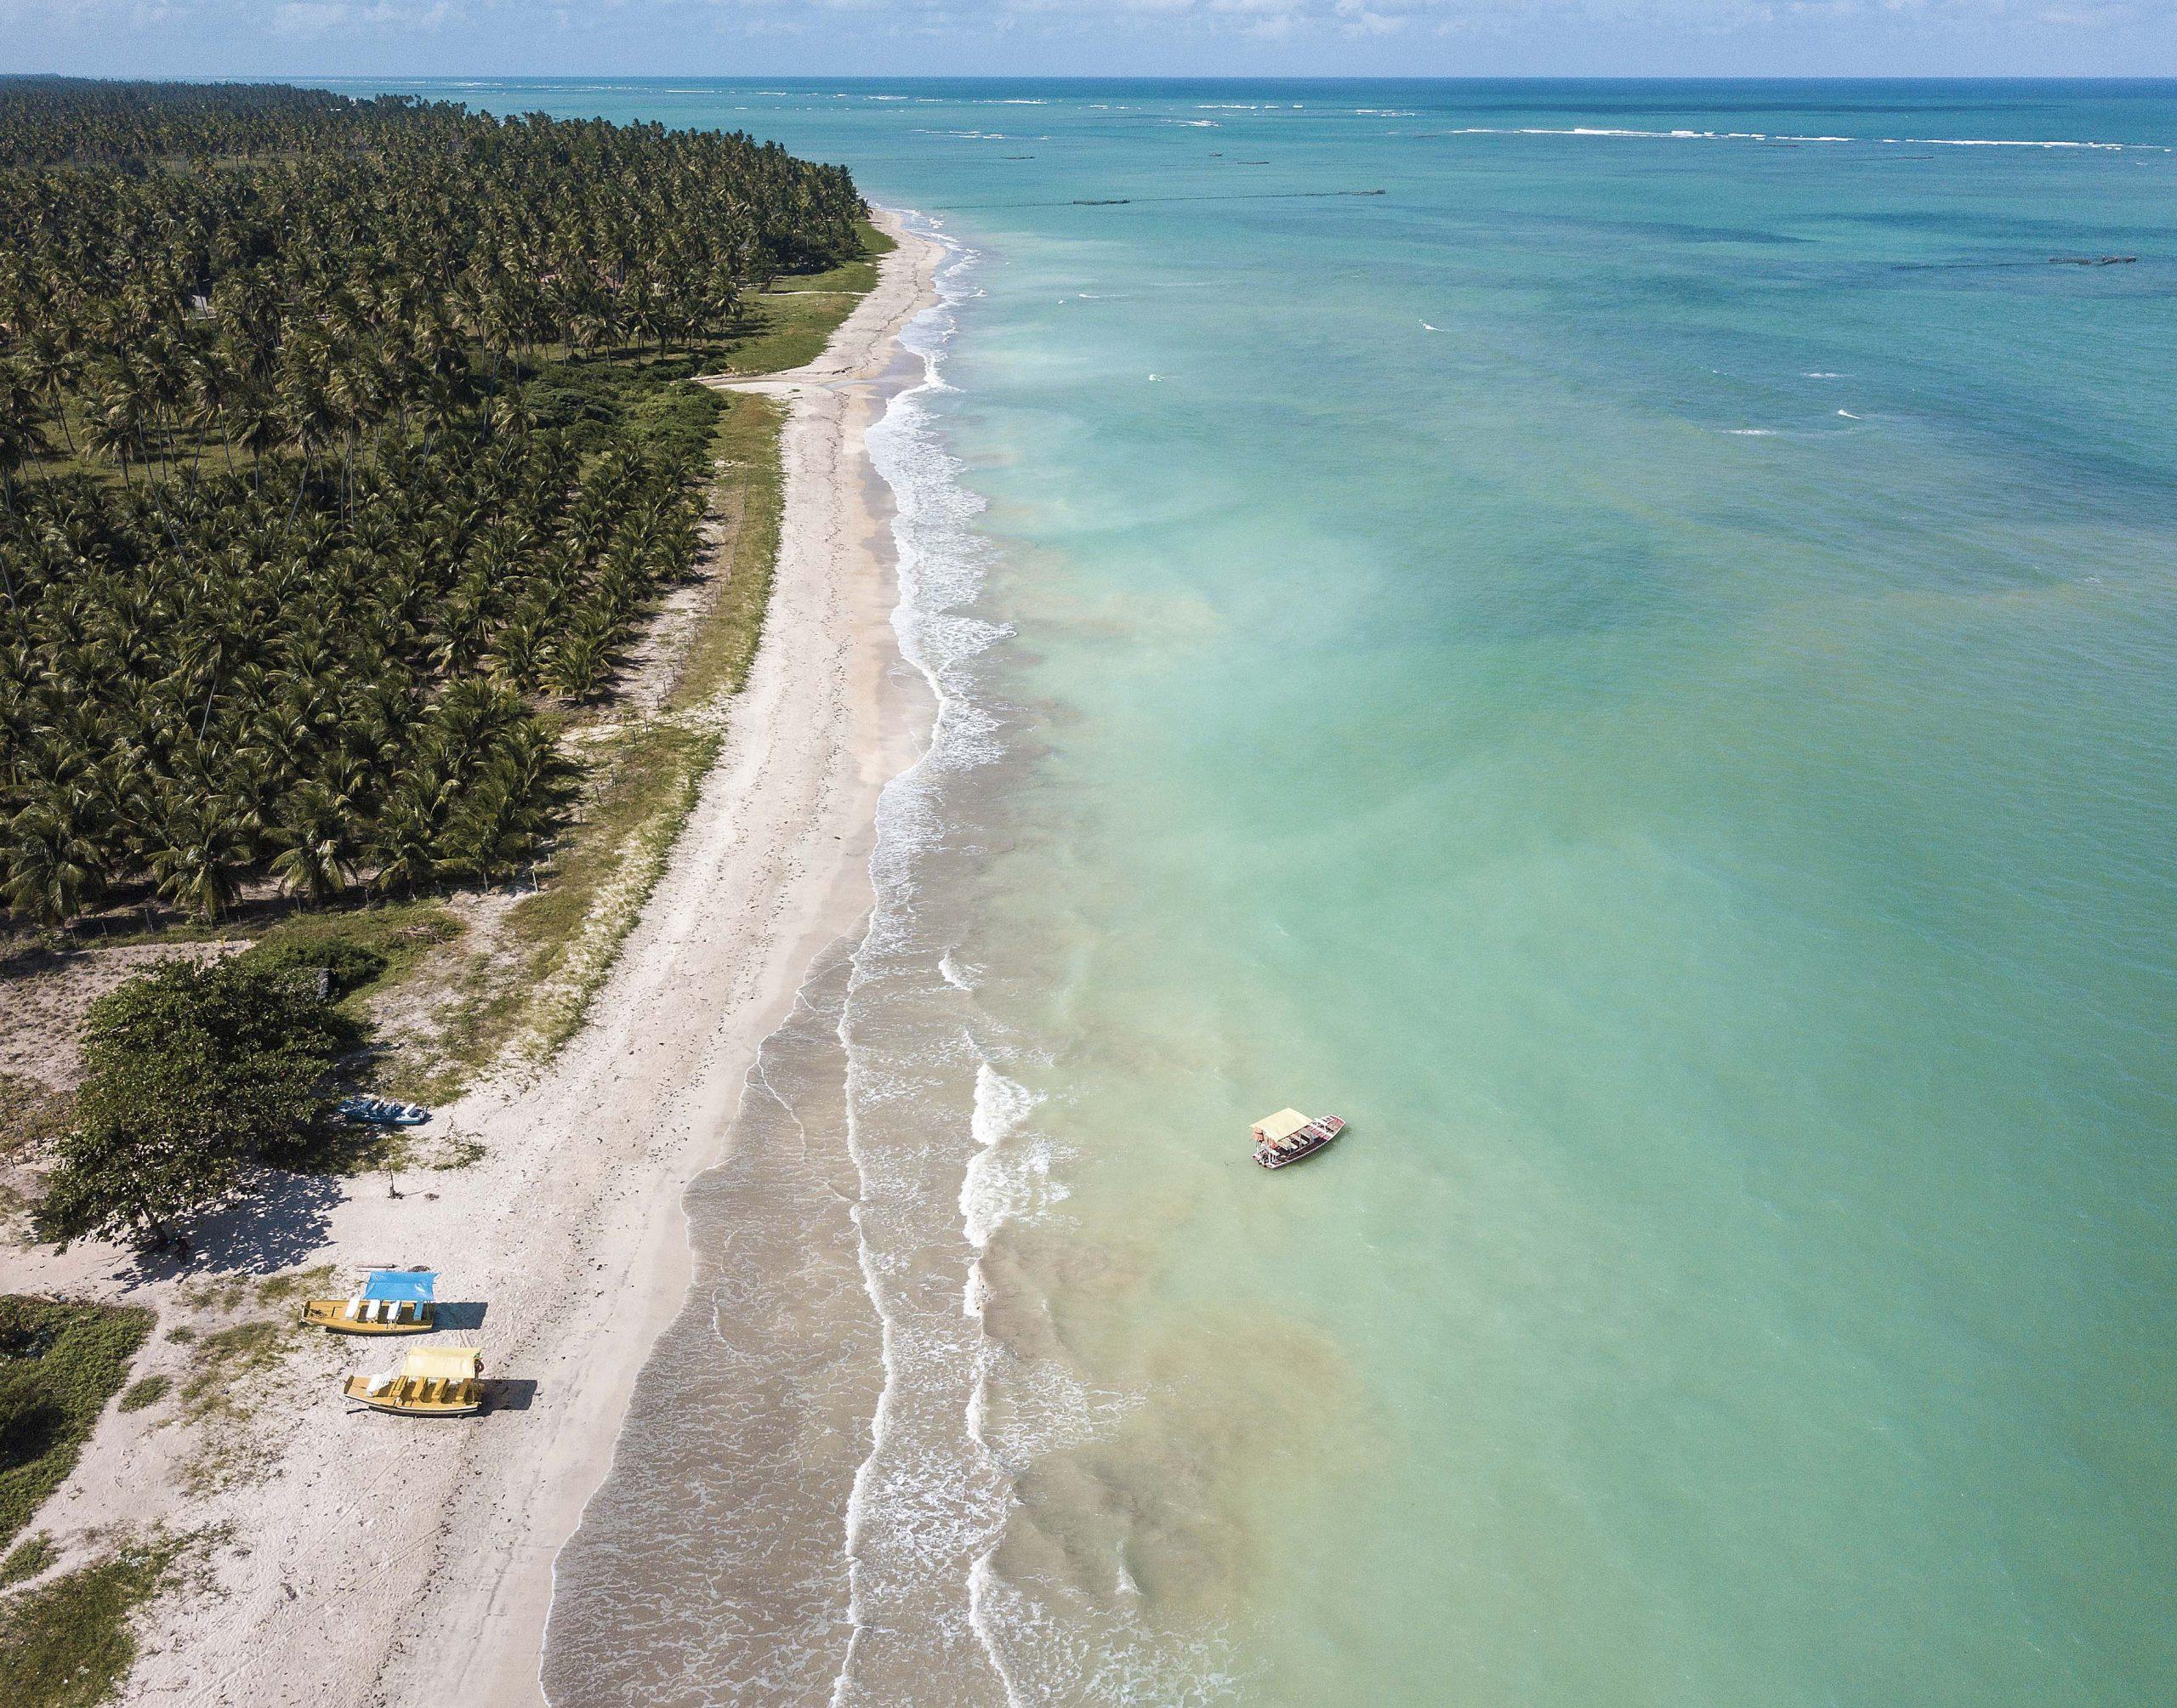 foto aérea da praia de são miguel dos milagres com um barco no mar e um vasto coqueiral compondo